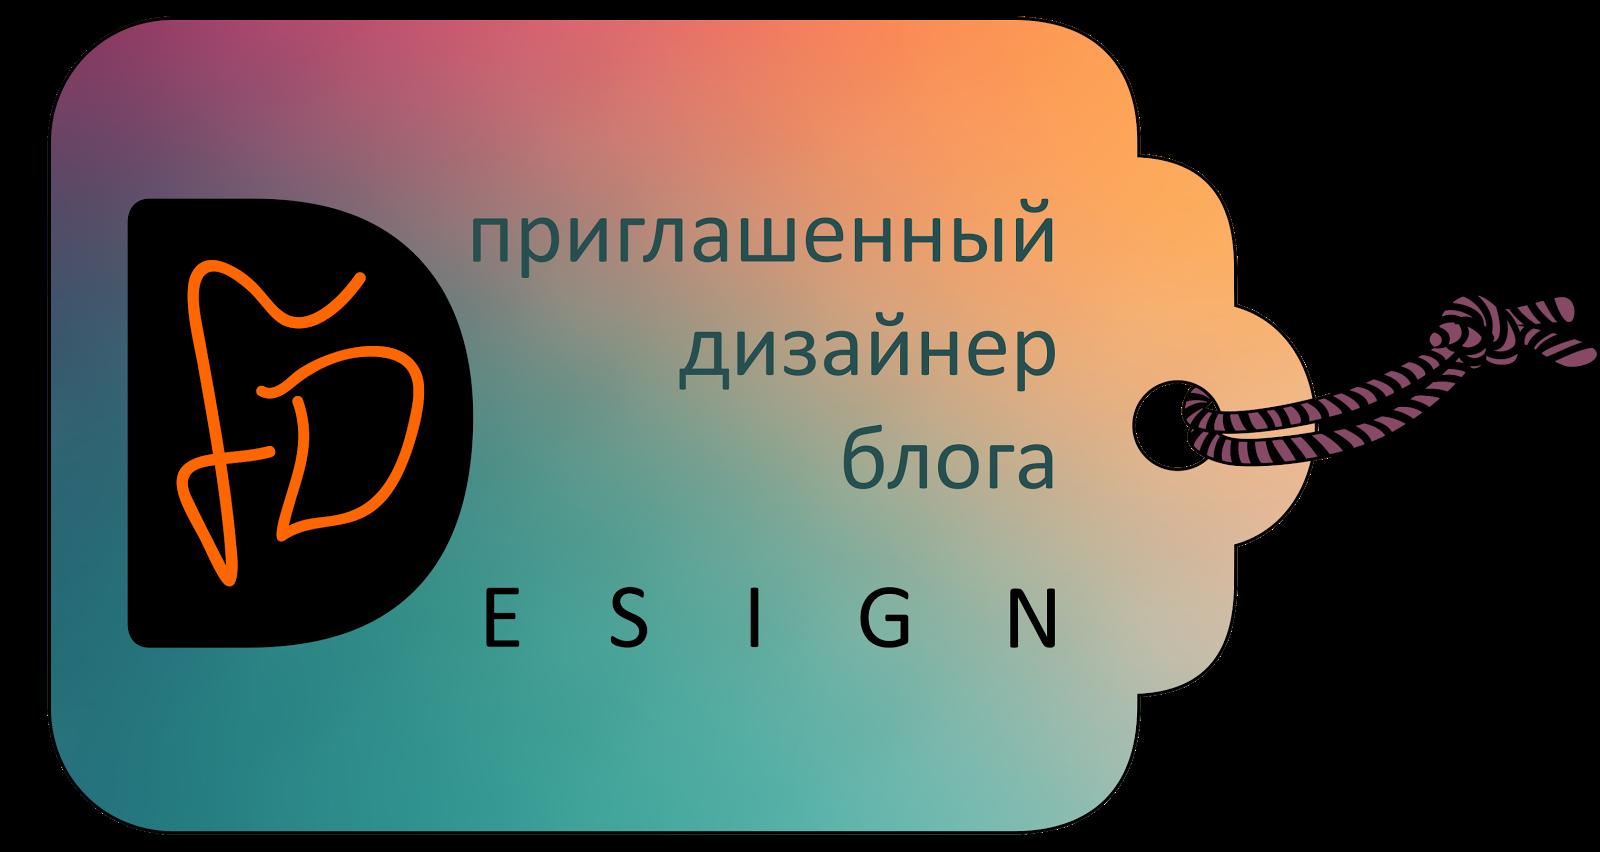 Я приглашенный дизайнер у Пушистика